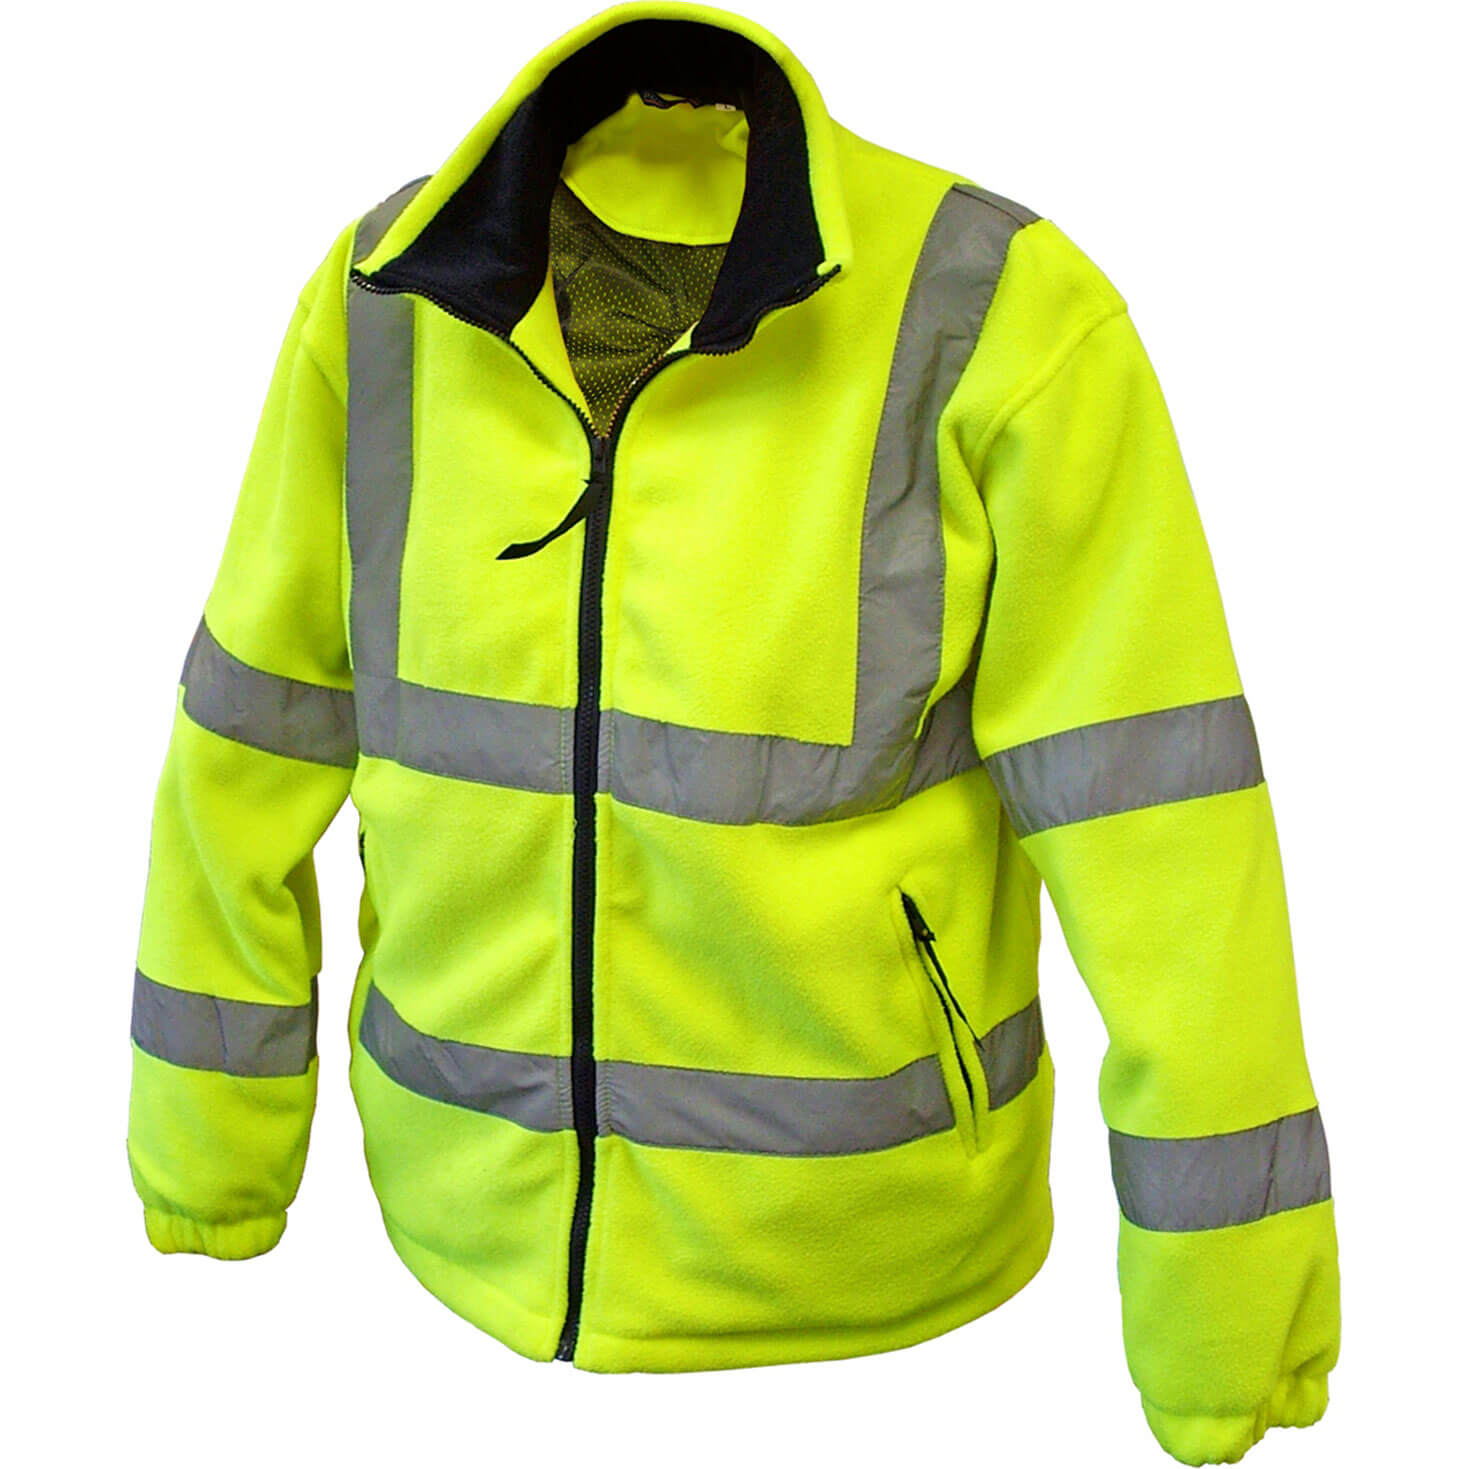 Image of Scan Hi Vis Fleece Jacket Yellow L